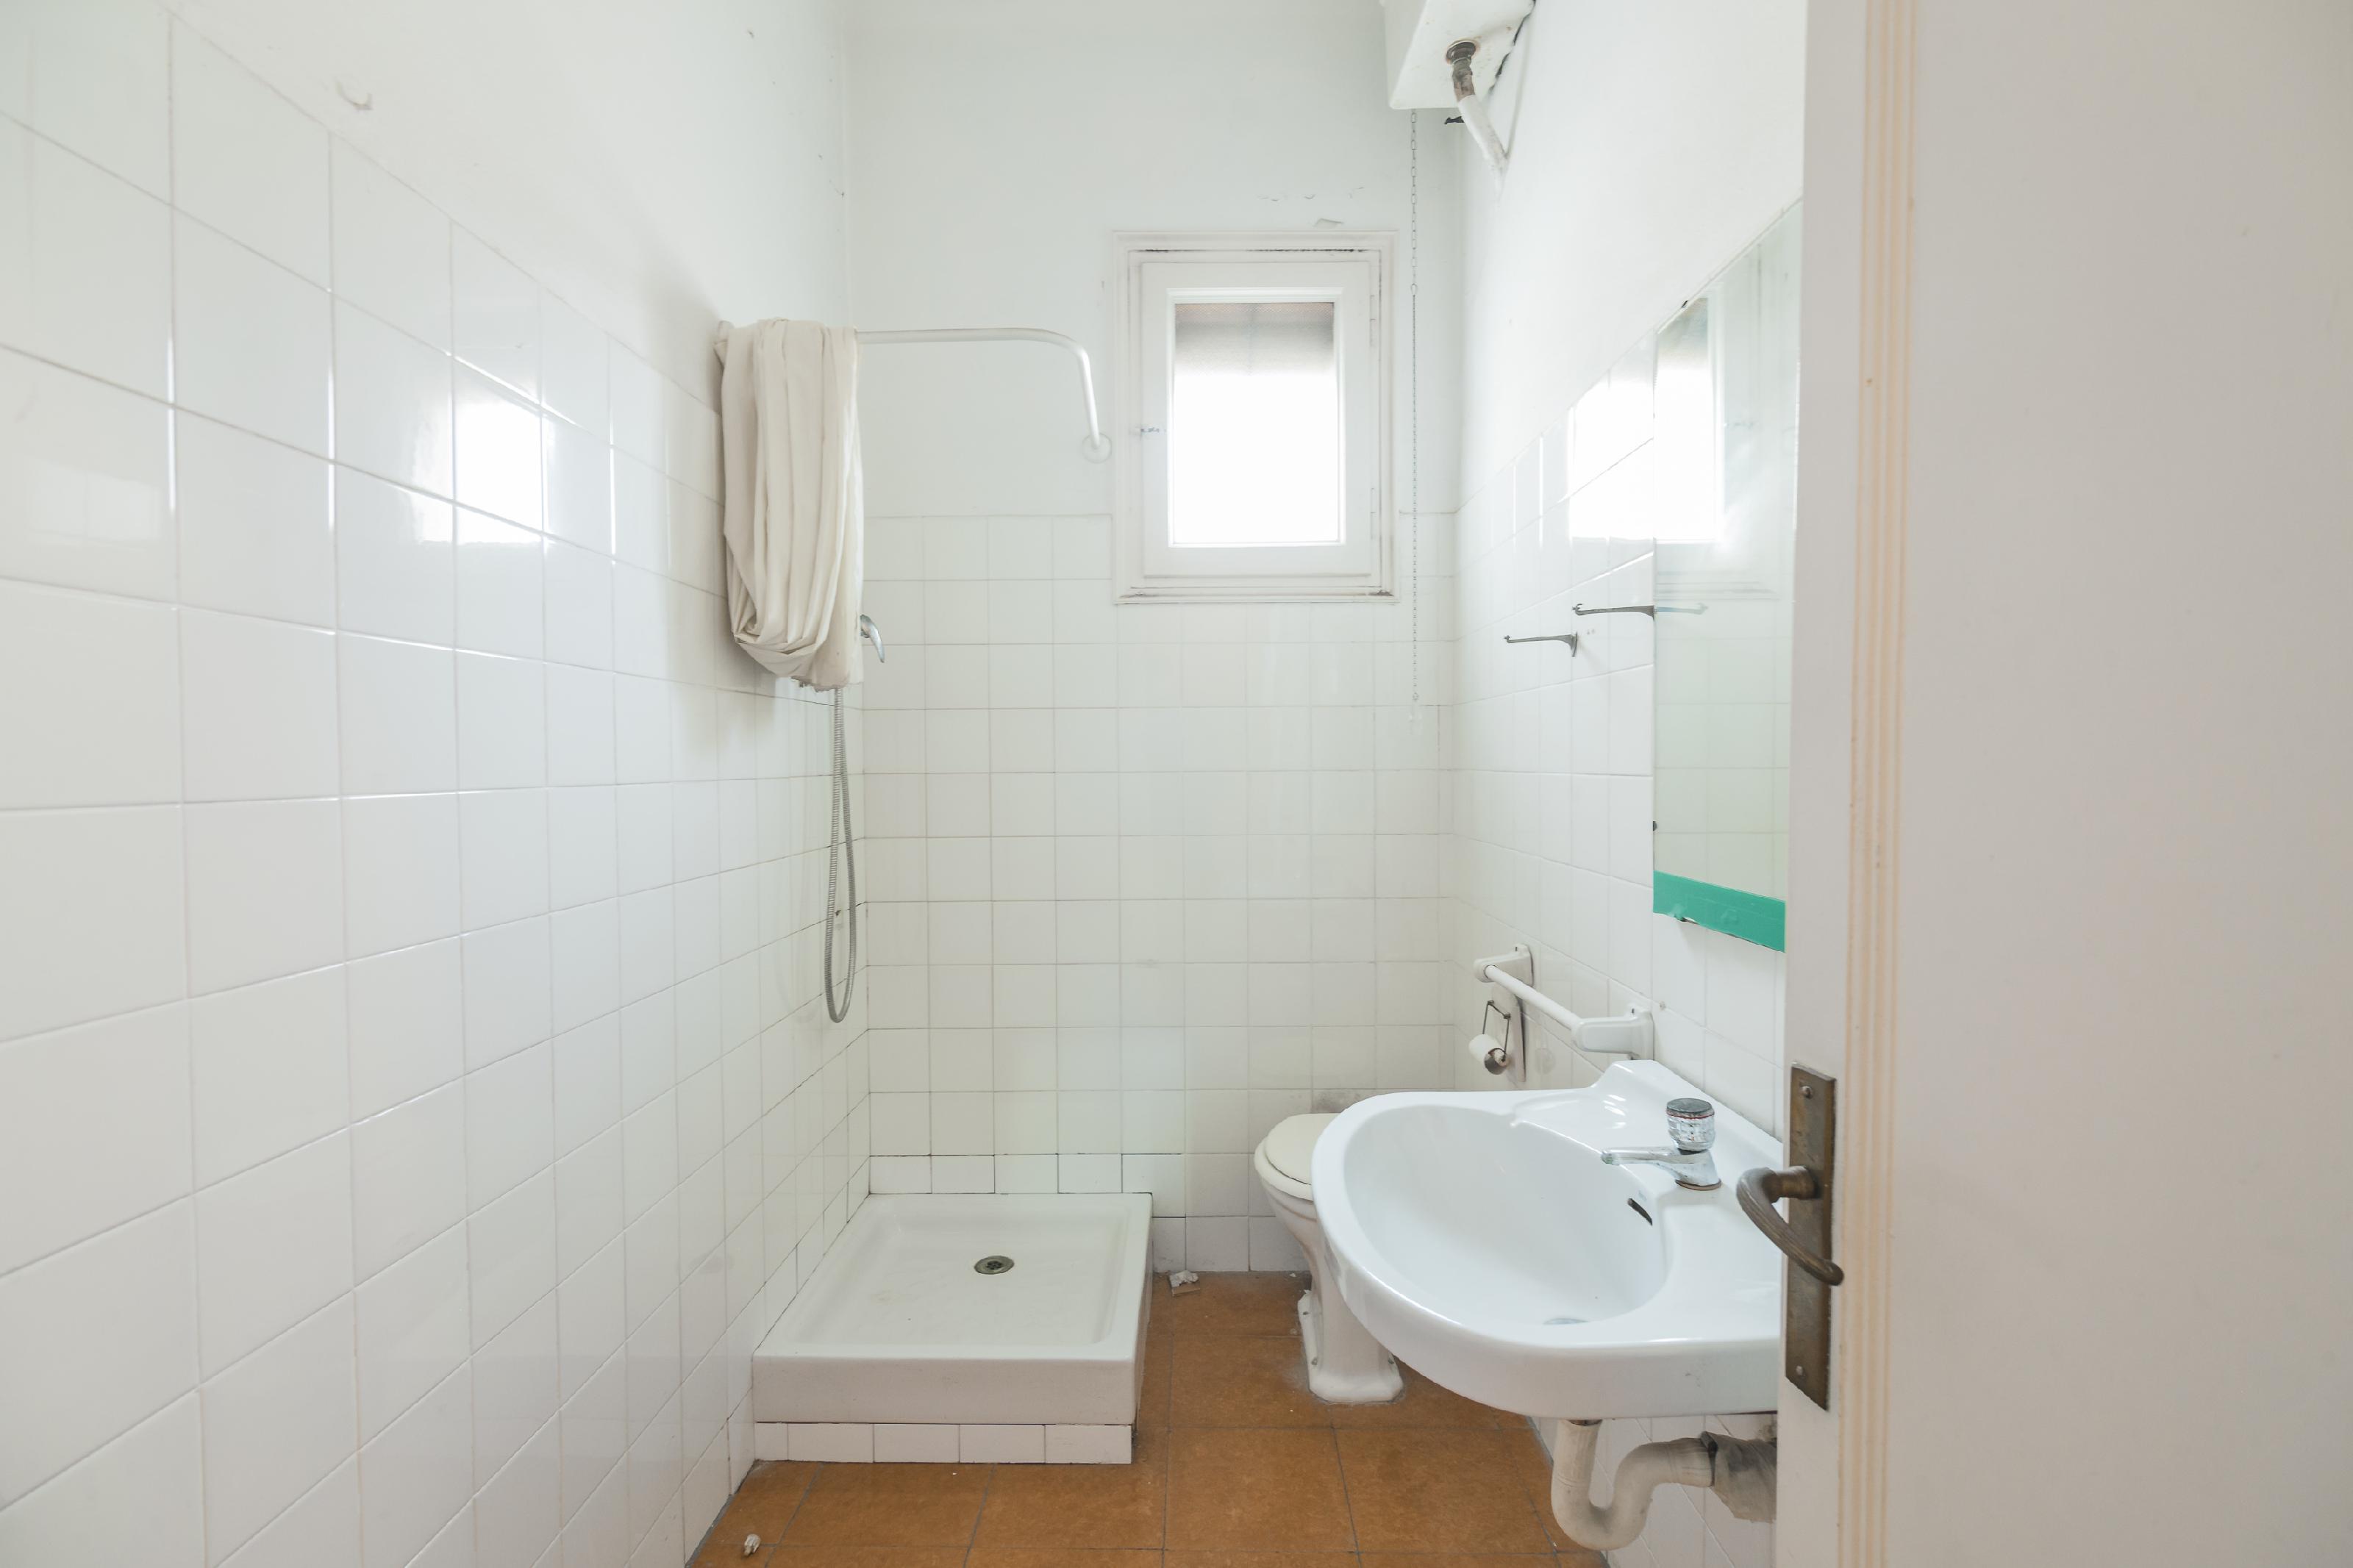 246643 Penthouse for sale in Sarrià-Sant Gervasi, St. Gervasi-Bonanova 37